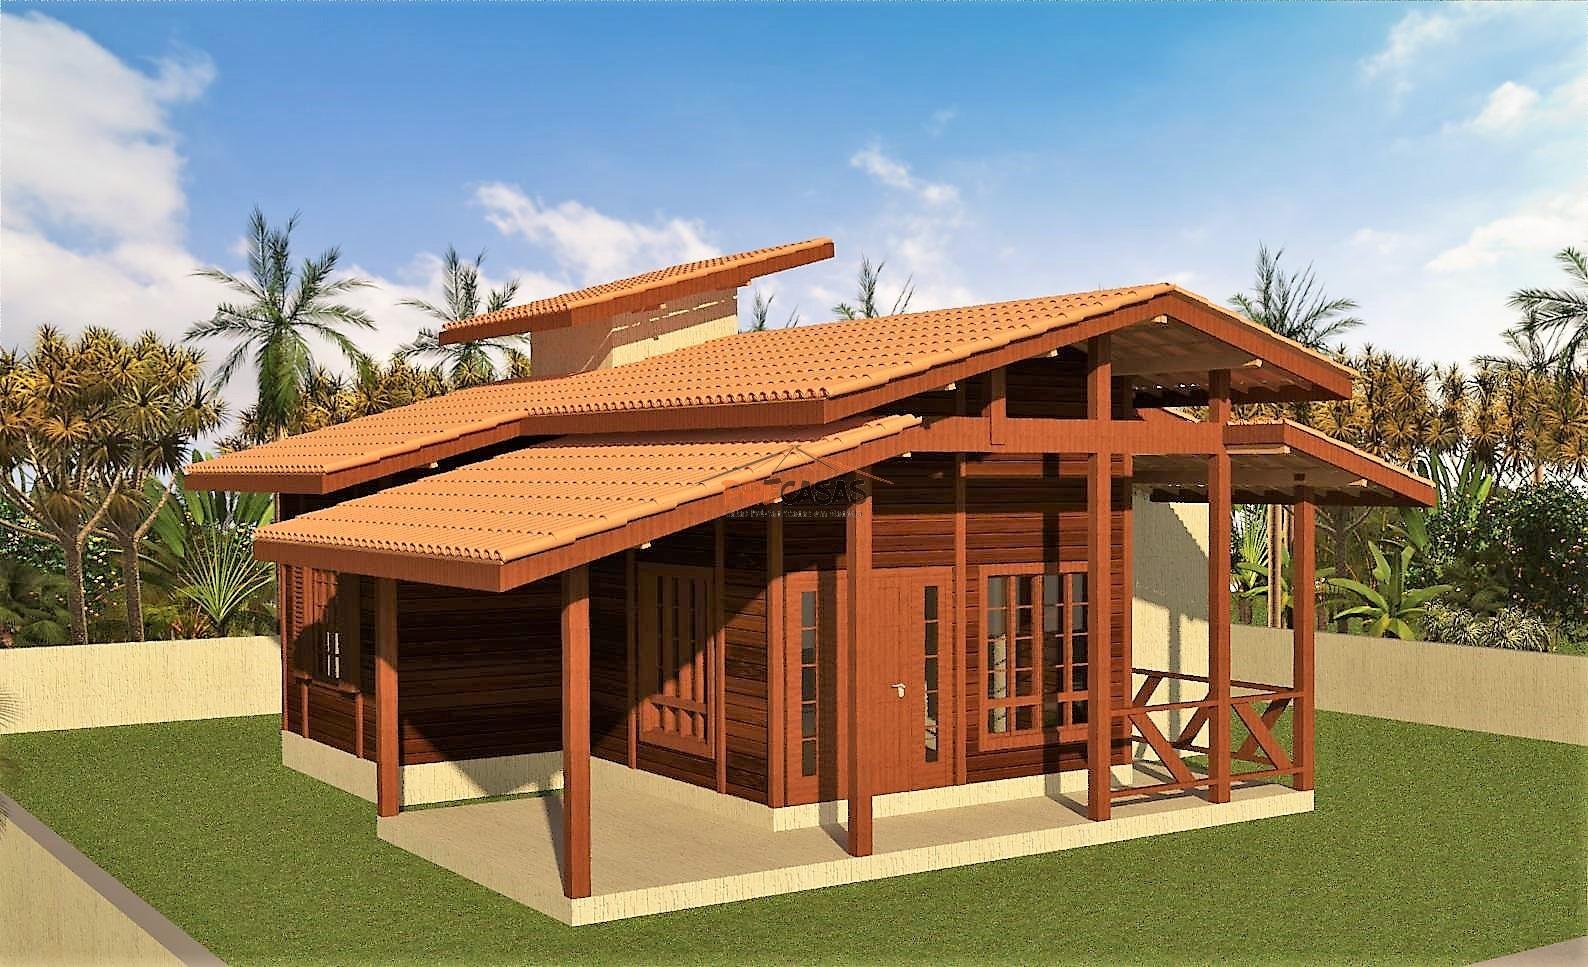 Casa de Madeira – Colatina-ES - 80,00 m²